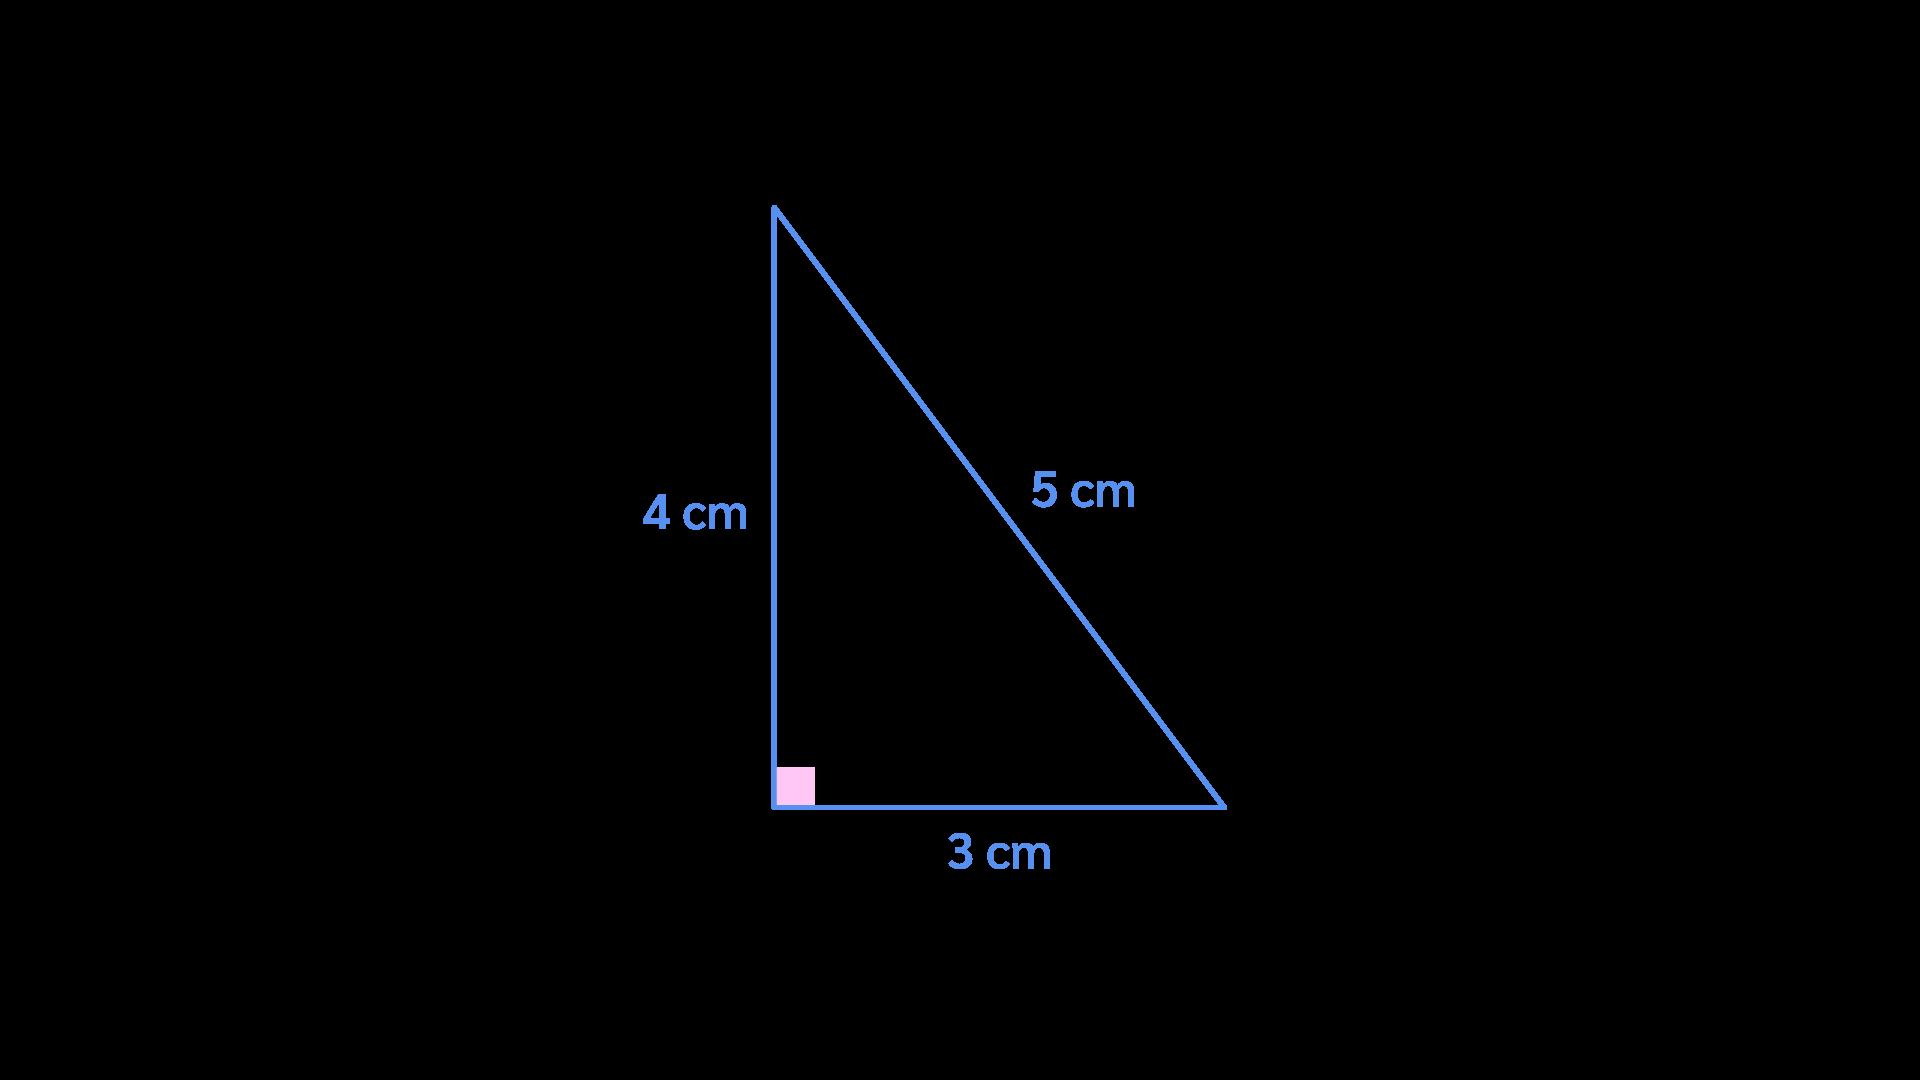 Primaire ce1 mathématiques espace géométrie nommer décrire tracer triangles rectangles